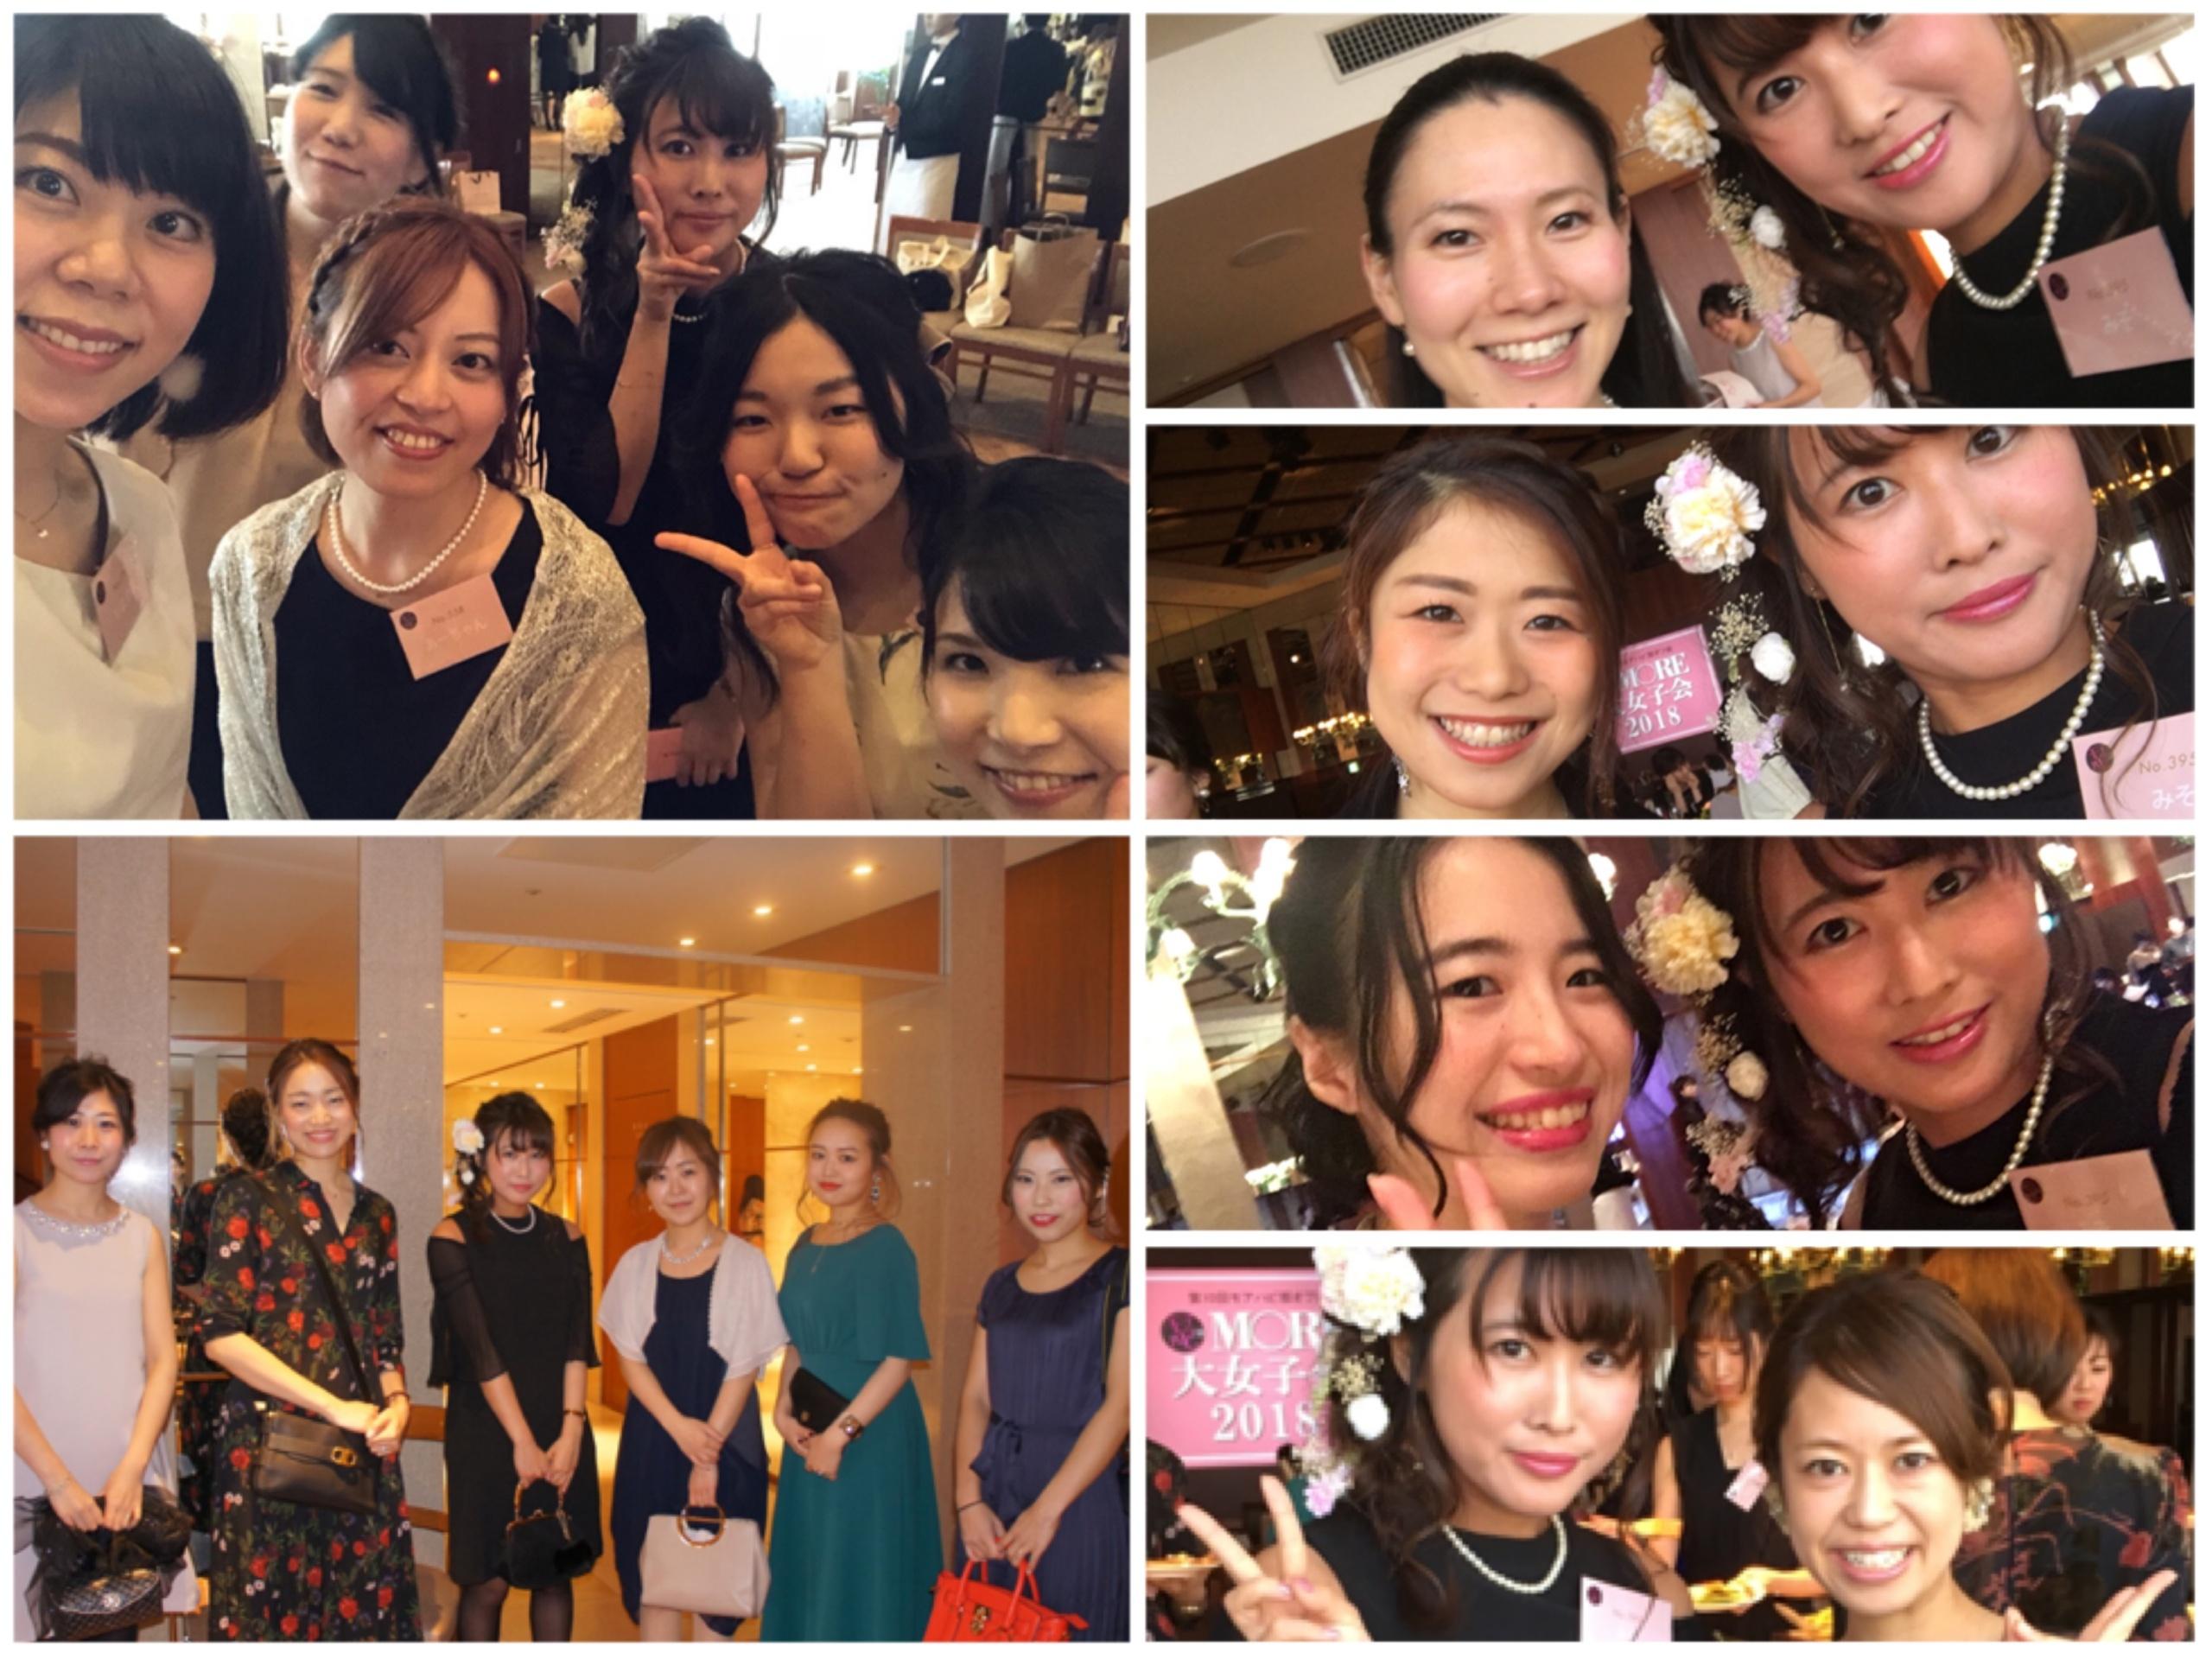 【MORE大女子会2018】モアハピ部ブログアワード2017 年間PV数3位!「ありがとうございました☺︎」_5